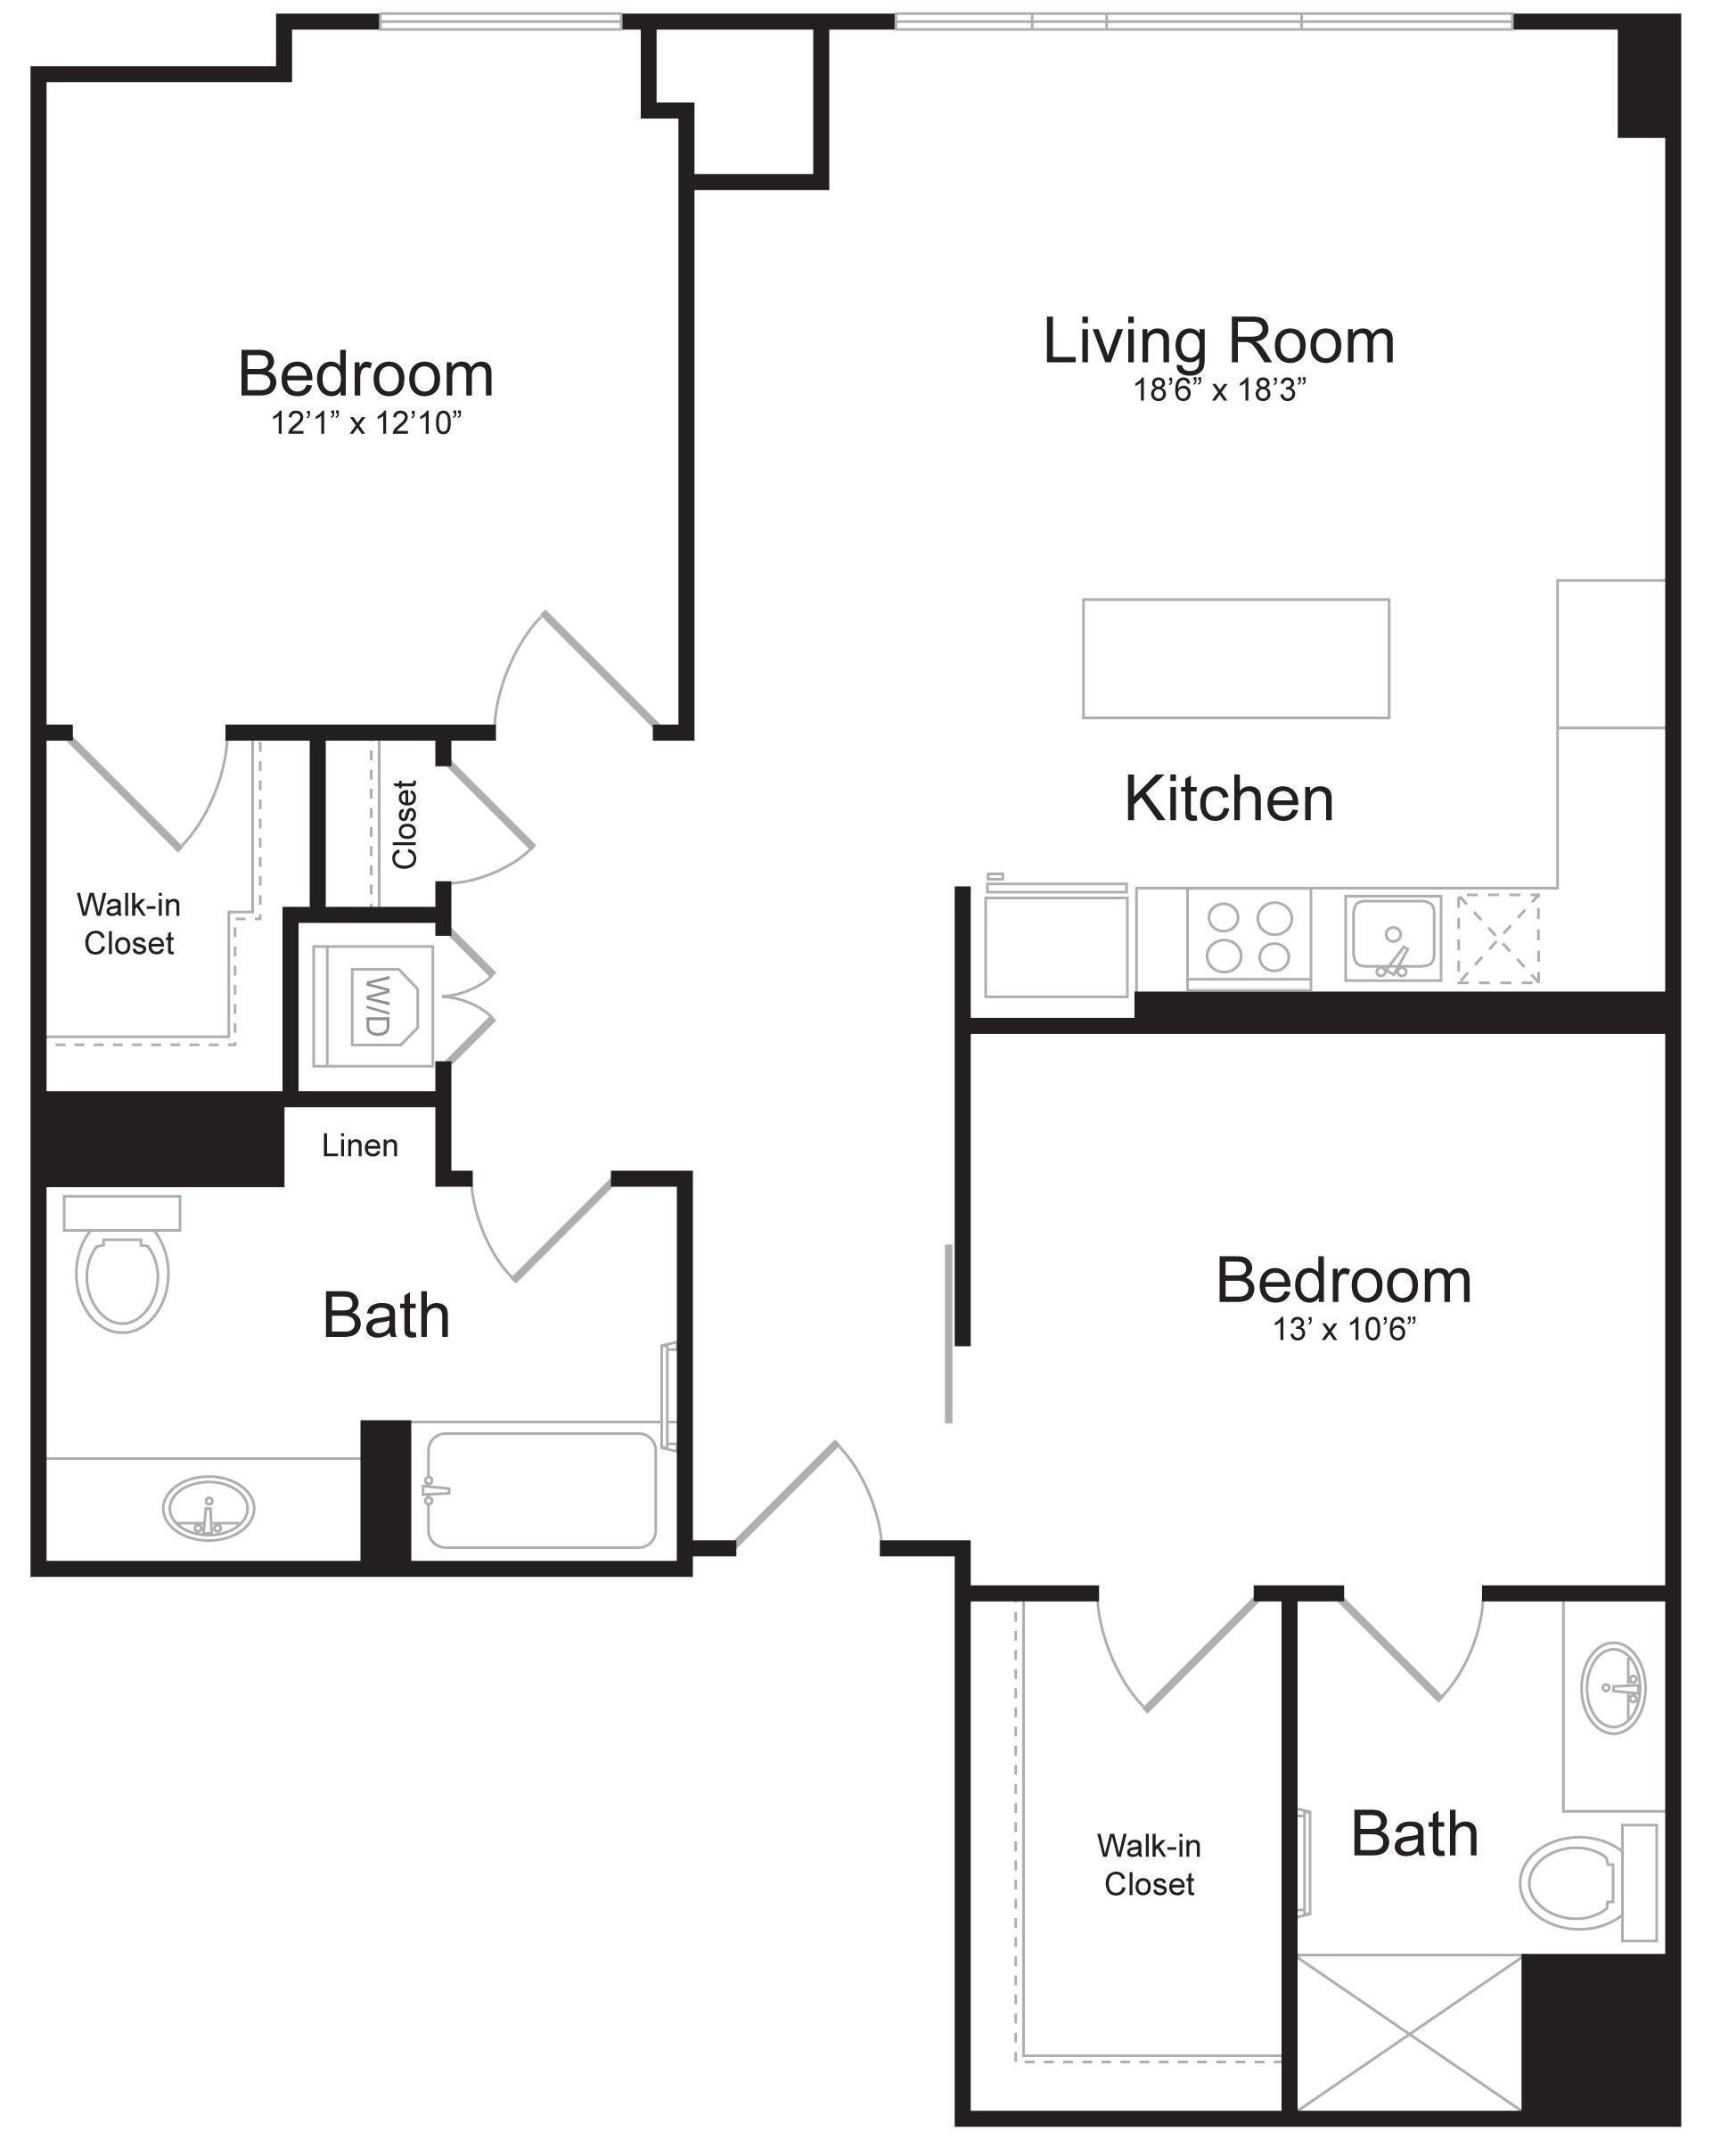 D2 - 2 Bed 2 Bath - 1,141